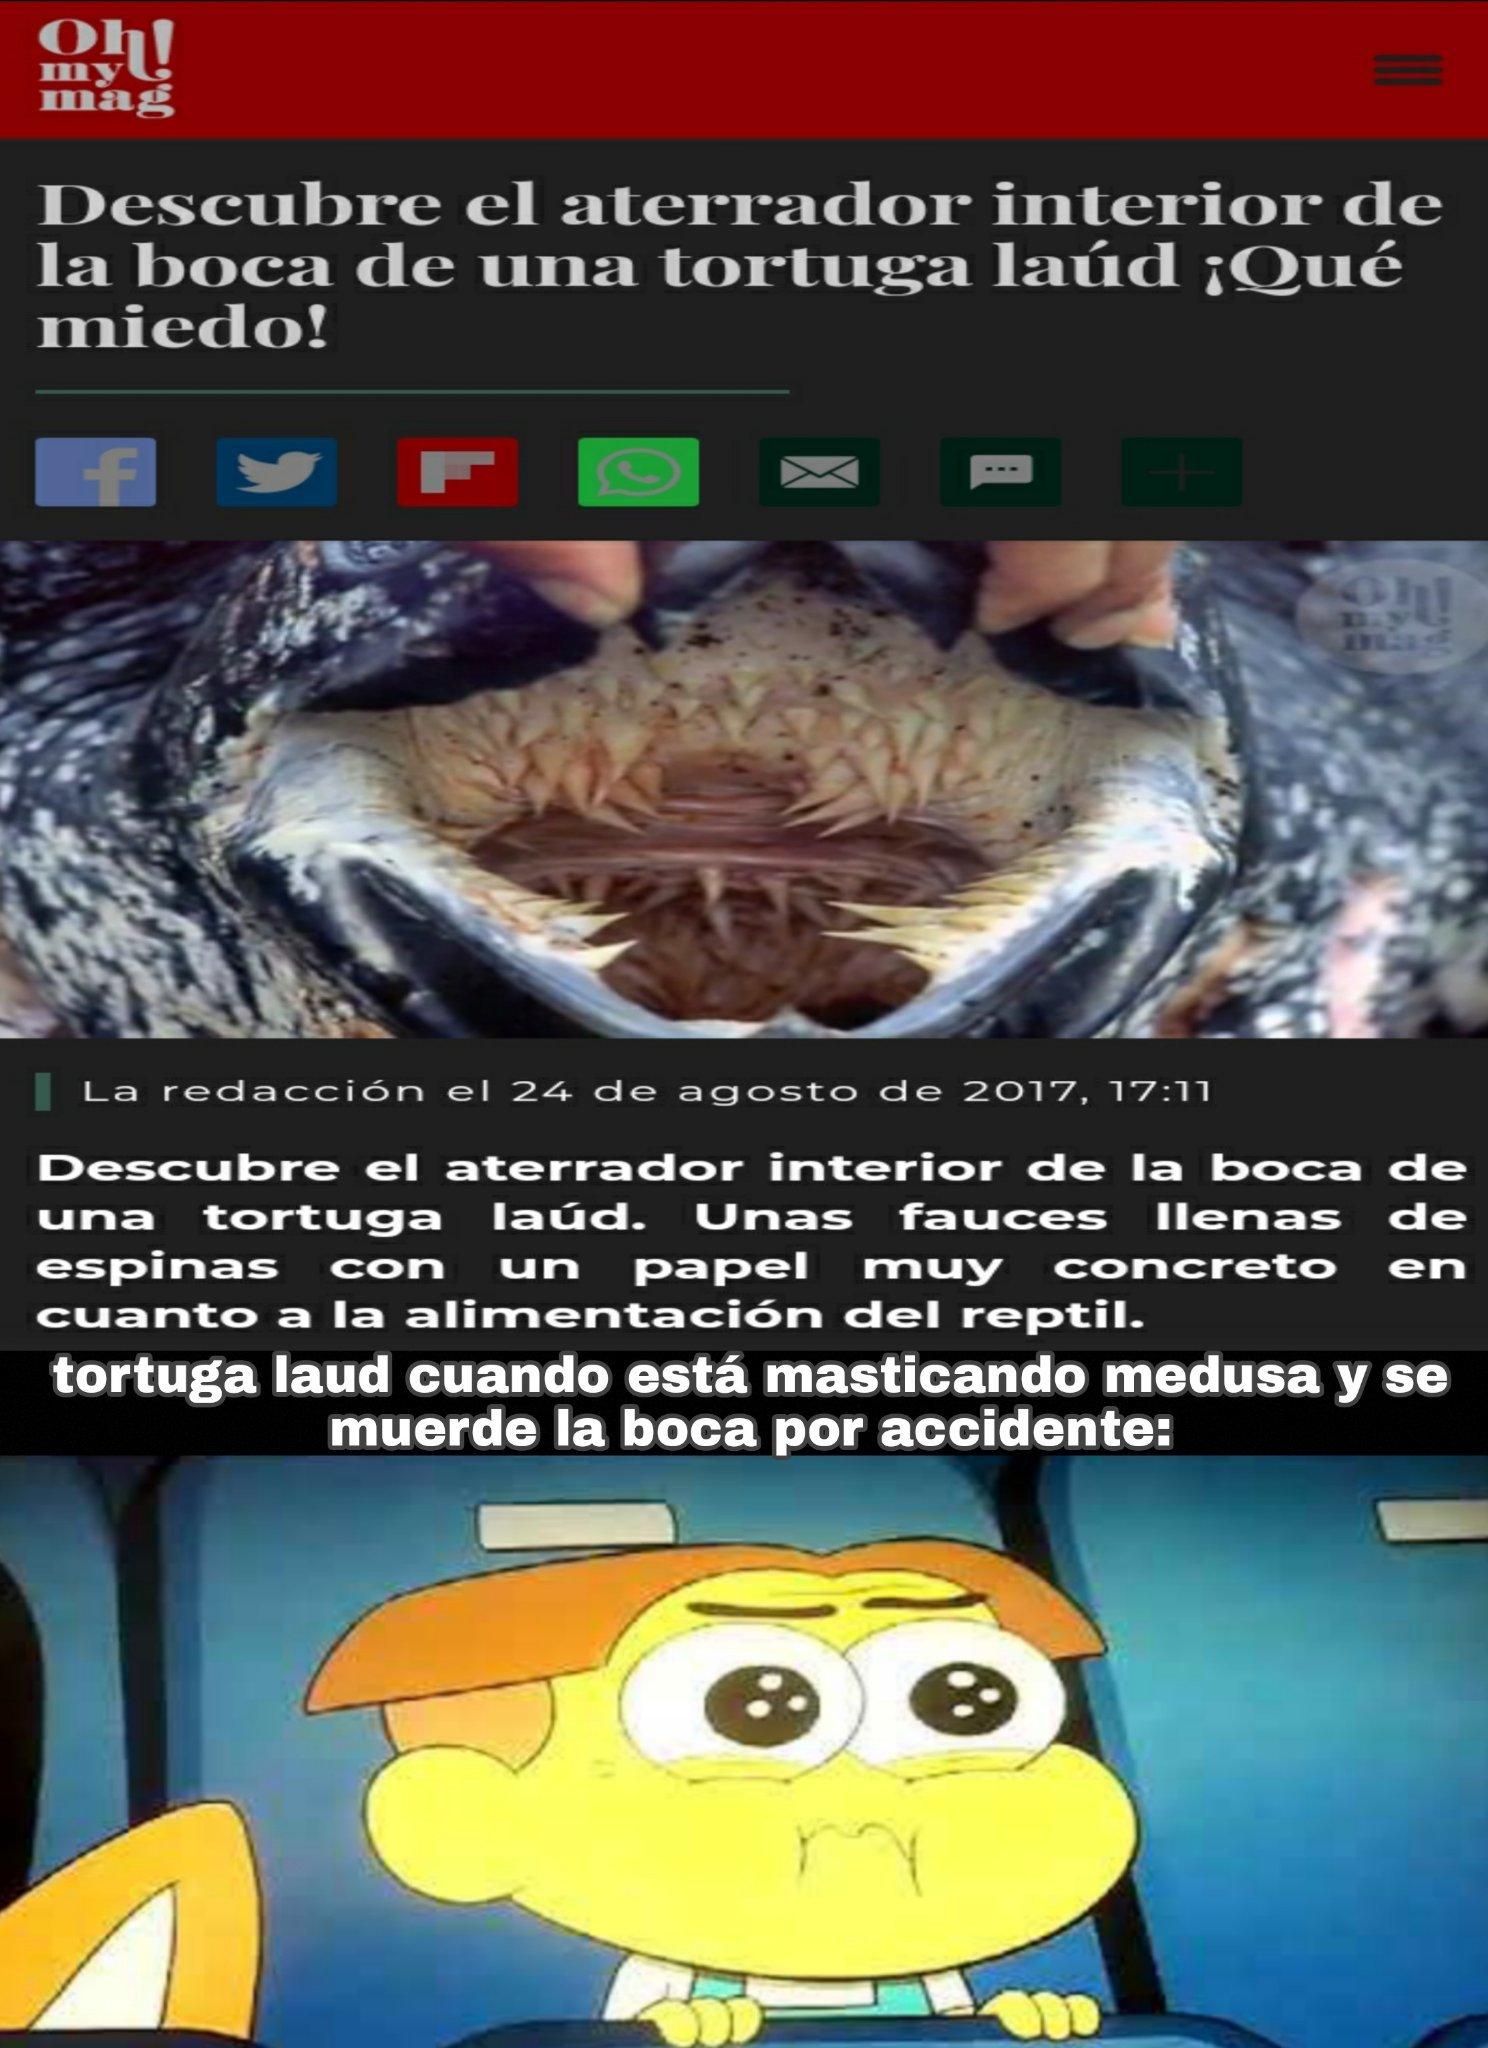 Y si, las tortugas marinas comen medusas, de ahí que se ahoguen con bolsas de plástico, por confundirse (postdata: la foto de Grillo la saqué de Google) - meme